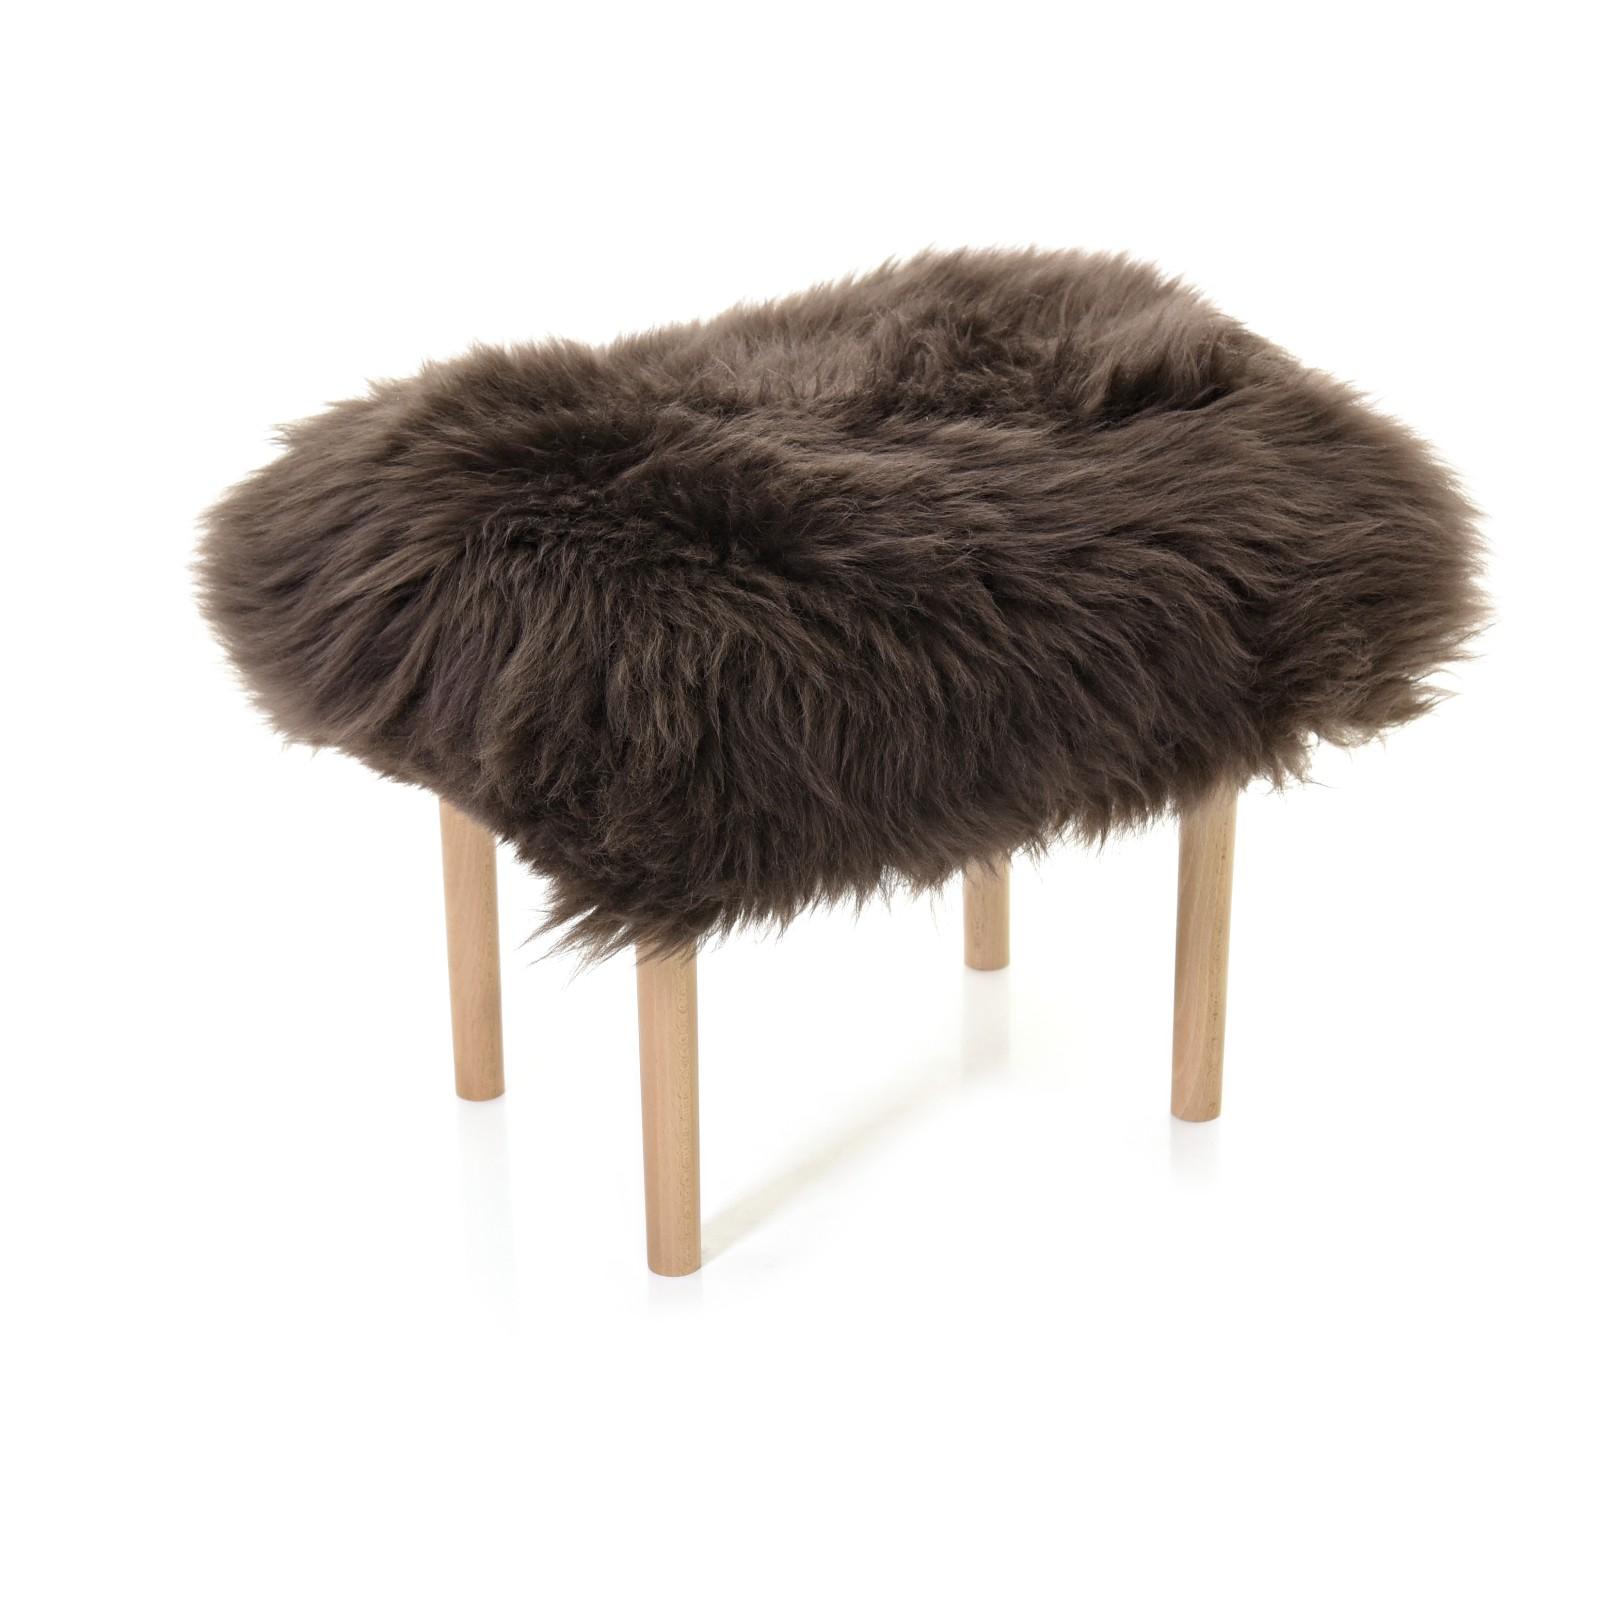 Carys - Sheepskin Footstool Mink